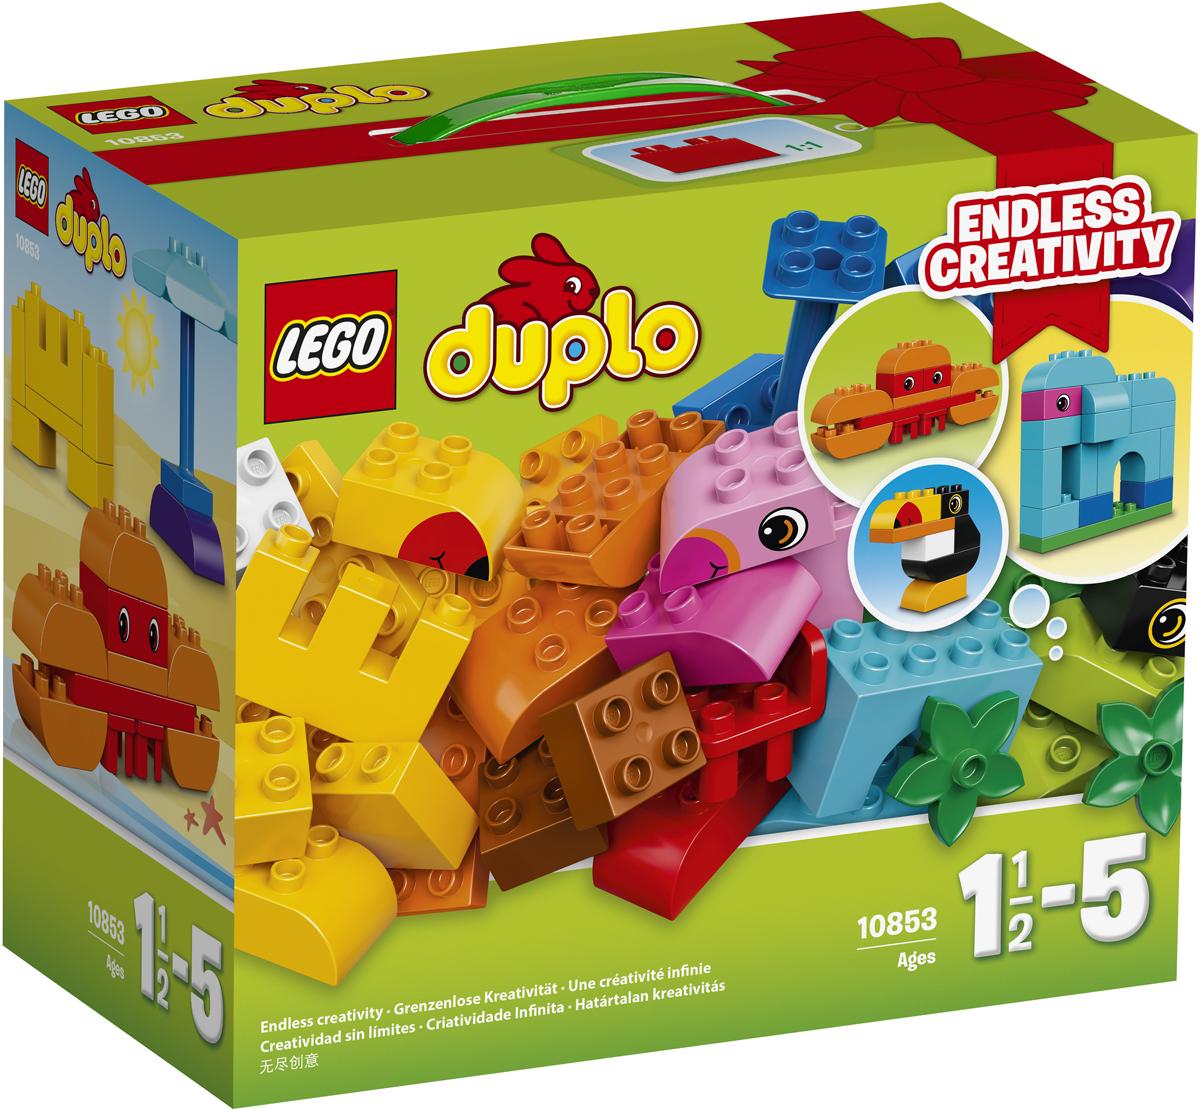 LEGO DUPLO Конструктор Набор деталей для творческого конструирования 1085310853Любознательным непоседам понравится создавать из огромного числа ярких кубиков LEGO DUPLO модели на тропическую тему: слона, ананас, песочный замок или краба. Универсальный набор позволяет собирать множество экзотических животных и развивать моторику и навыки конструирования, используя в качестве источника вдохновения карточки по сборке. Крупные кубики LEGO DUPLO специально сконструированы так, чтобы они были безопасны и удобны для маленьких ручек. Набор включает в себя 75 разноцветных пластиковых элементов. Конструктор станет замечательным сюрпризом вашему ребенку, который будет способствовать развитию мелкой моторики рук, внимательности, усидчивости и мышления. Играя с конструктором, ребенок научится собирать детали по образцу, проводить время с пользой и удовольствием.